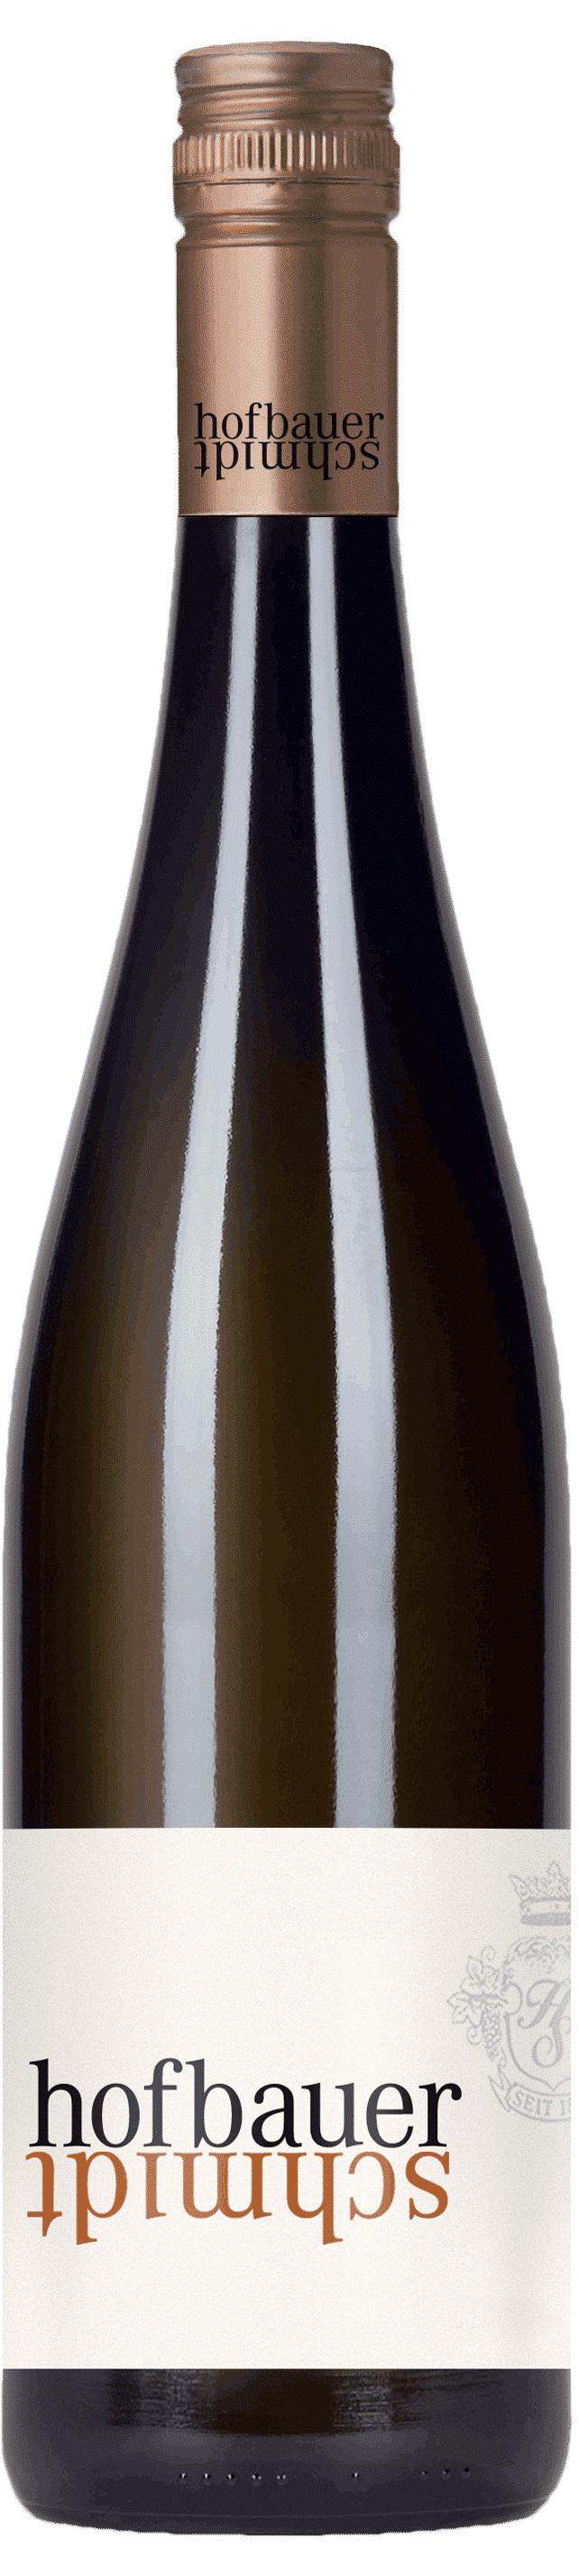 Dunkle Weinflasche mit Hofbauer-Schmidt Etikette